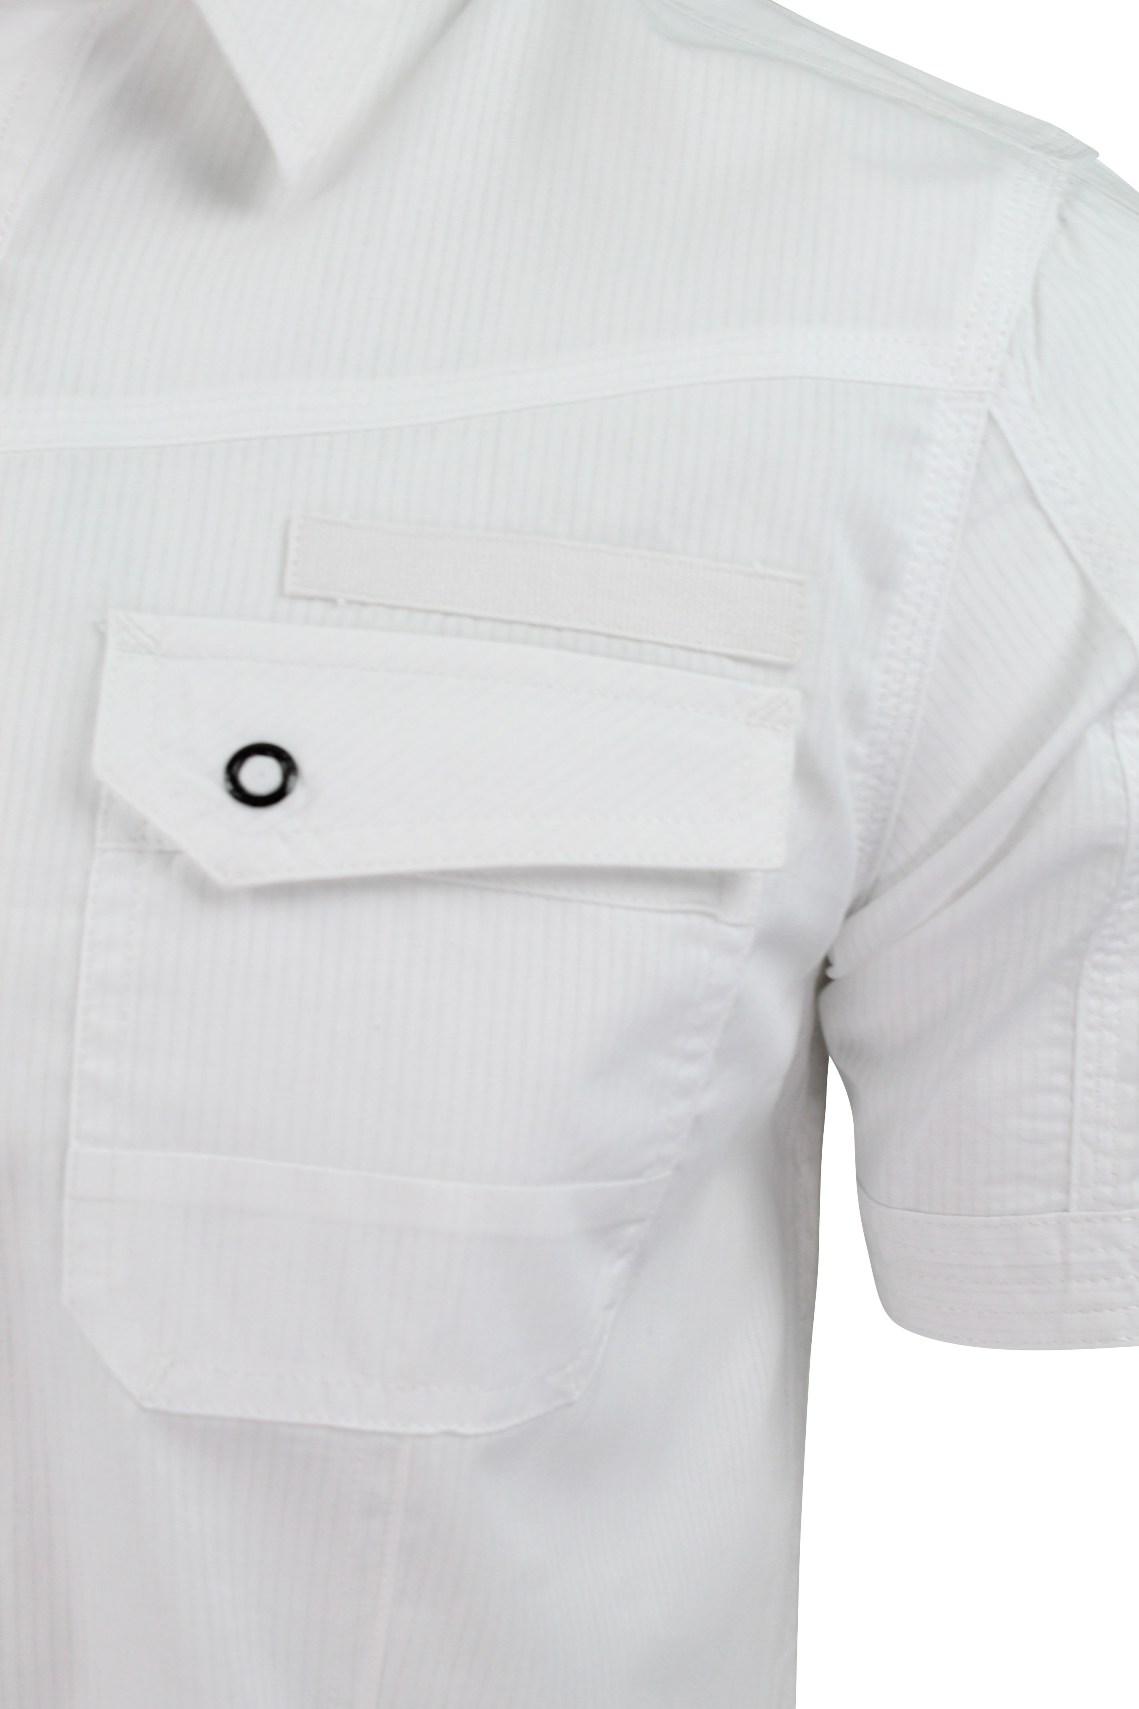 Mens Shirt by Dissident 'Zeta' Dobby Stripe Short Sleeved